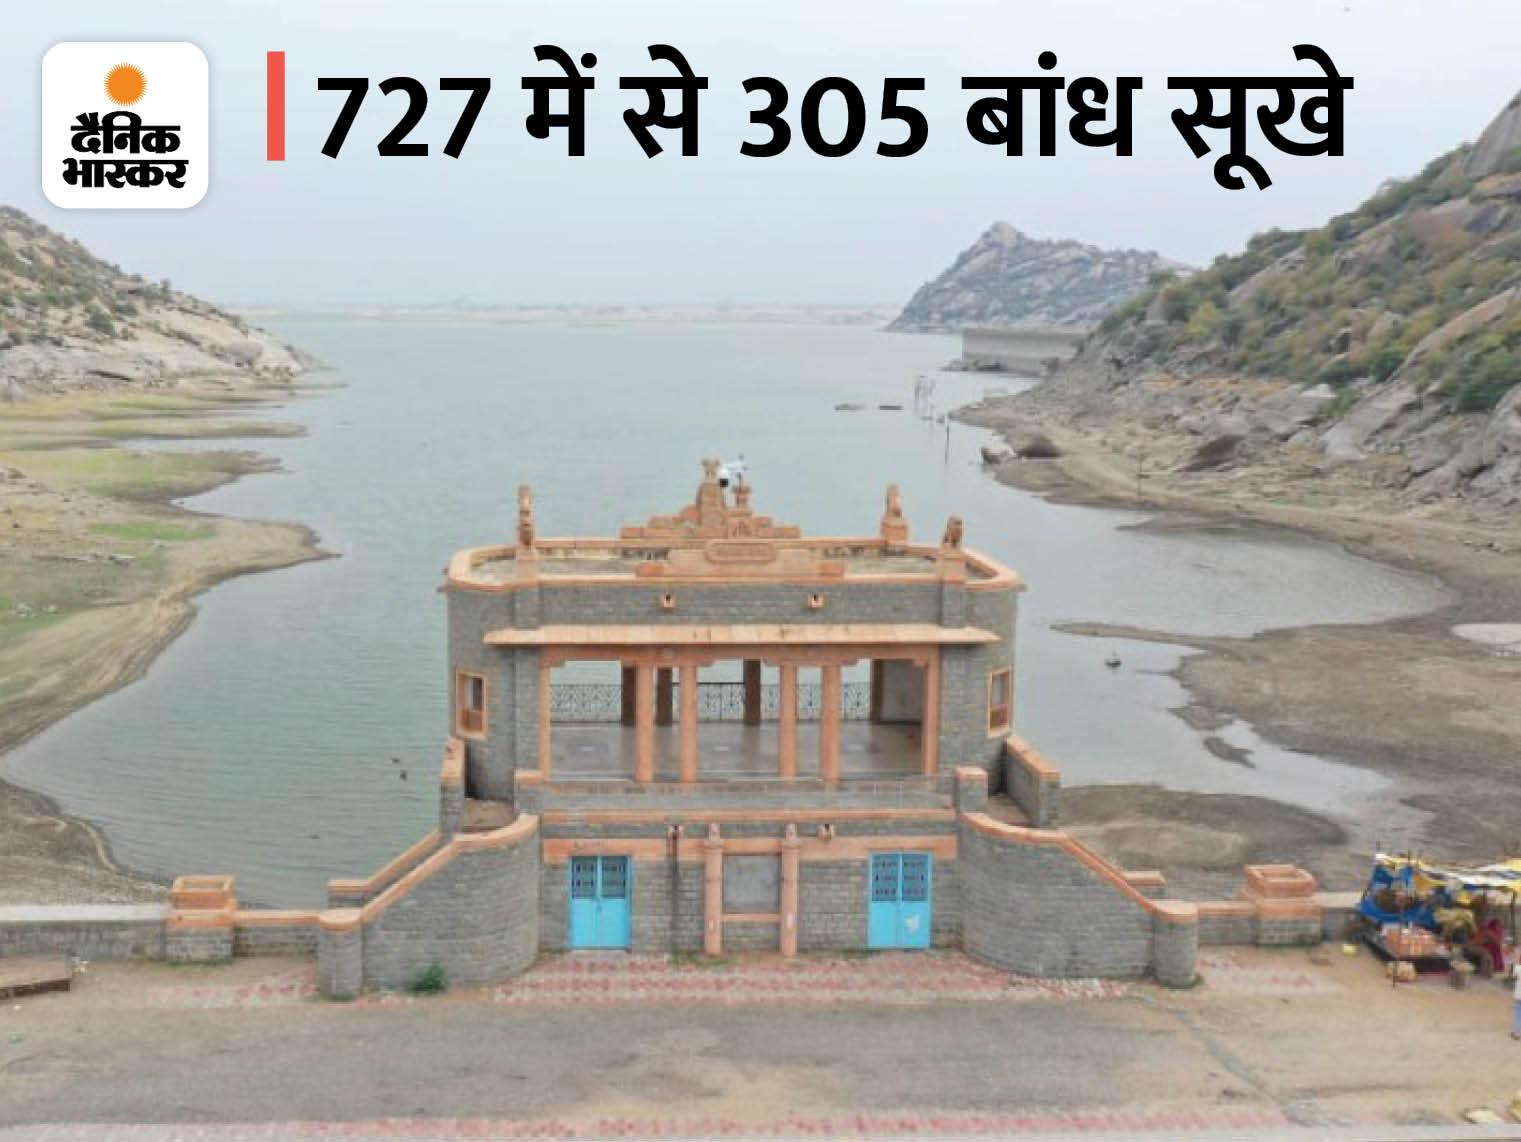 10 जिलों में पानी के बड़े संकट की आशंका; पाली में 21 सितंबर से ट्रेन से होगी पानी की सप्लाई जयपुर,Jaipur - Dainik Bhaskar